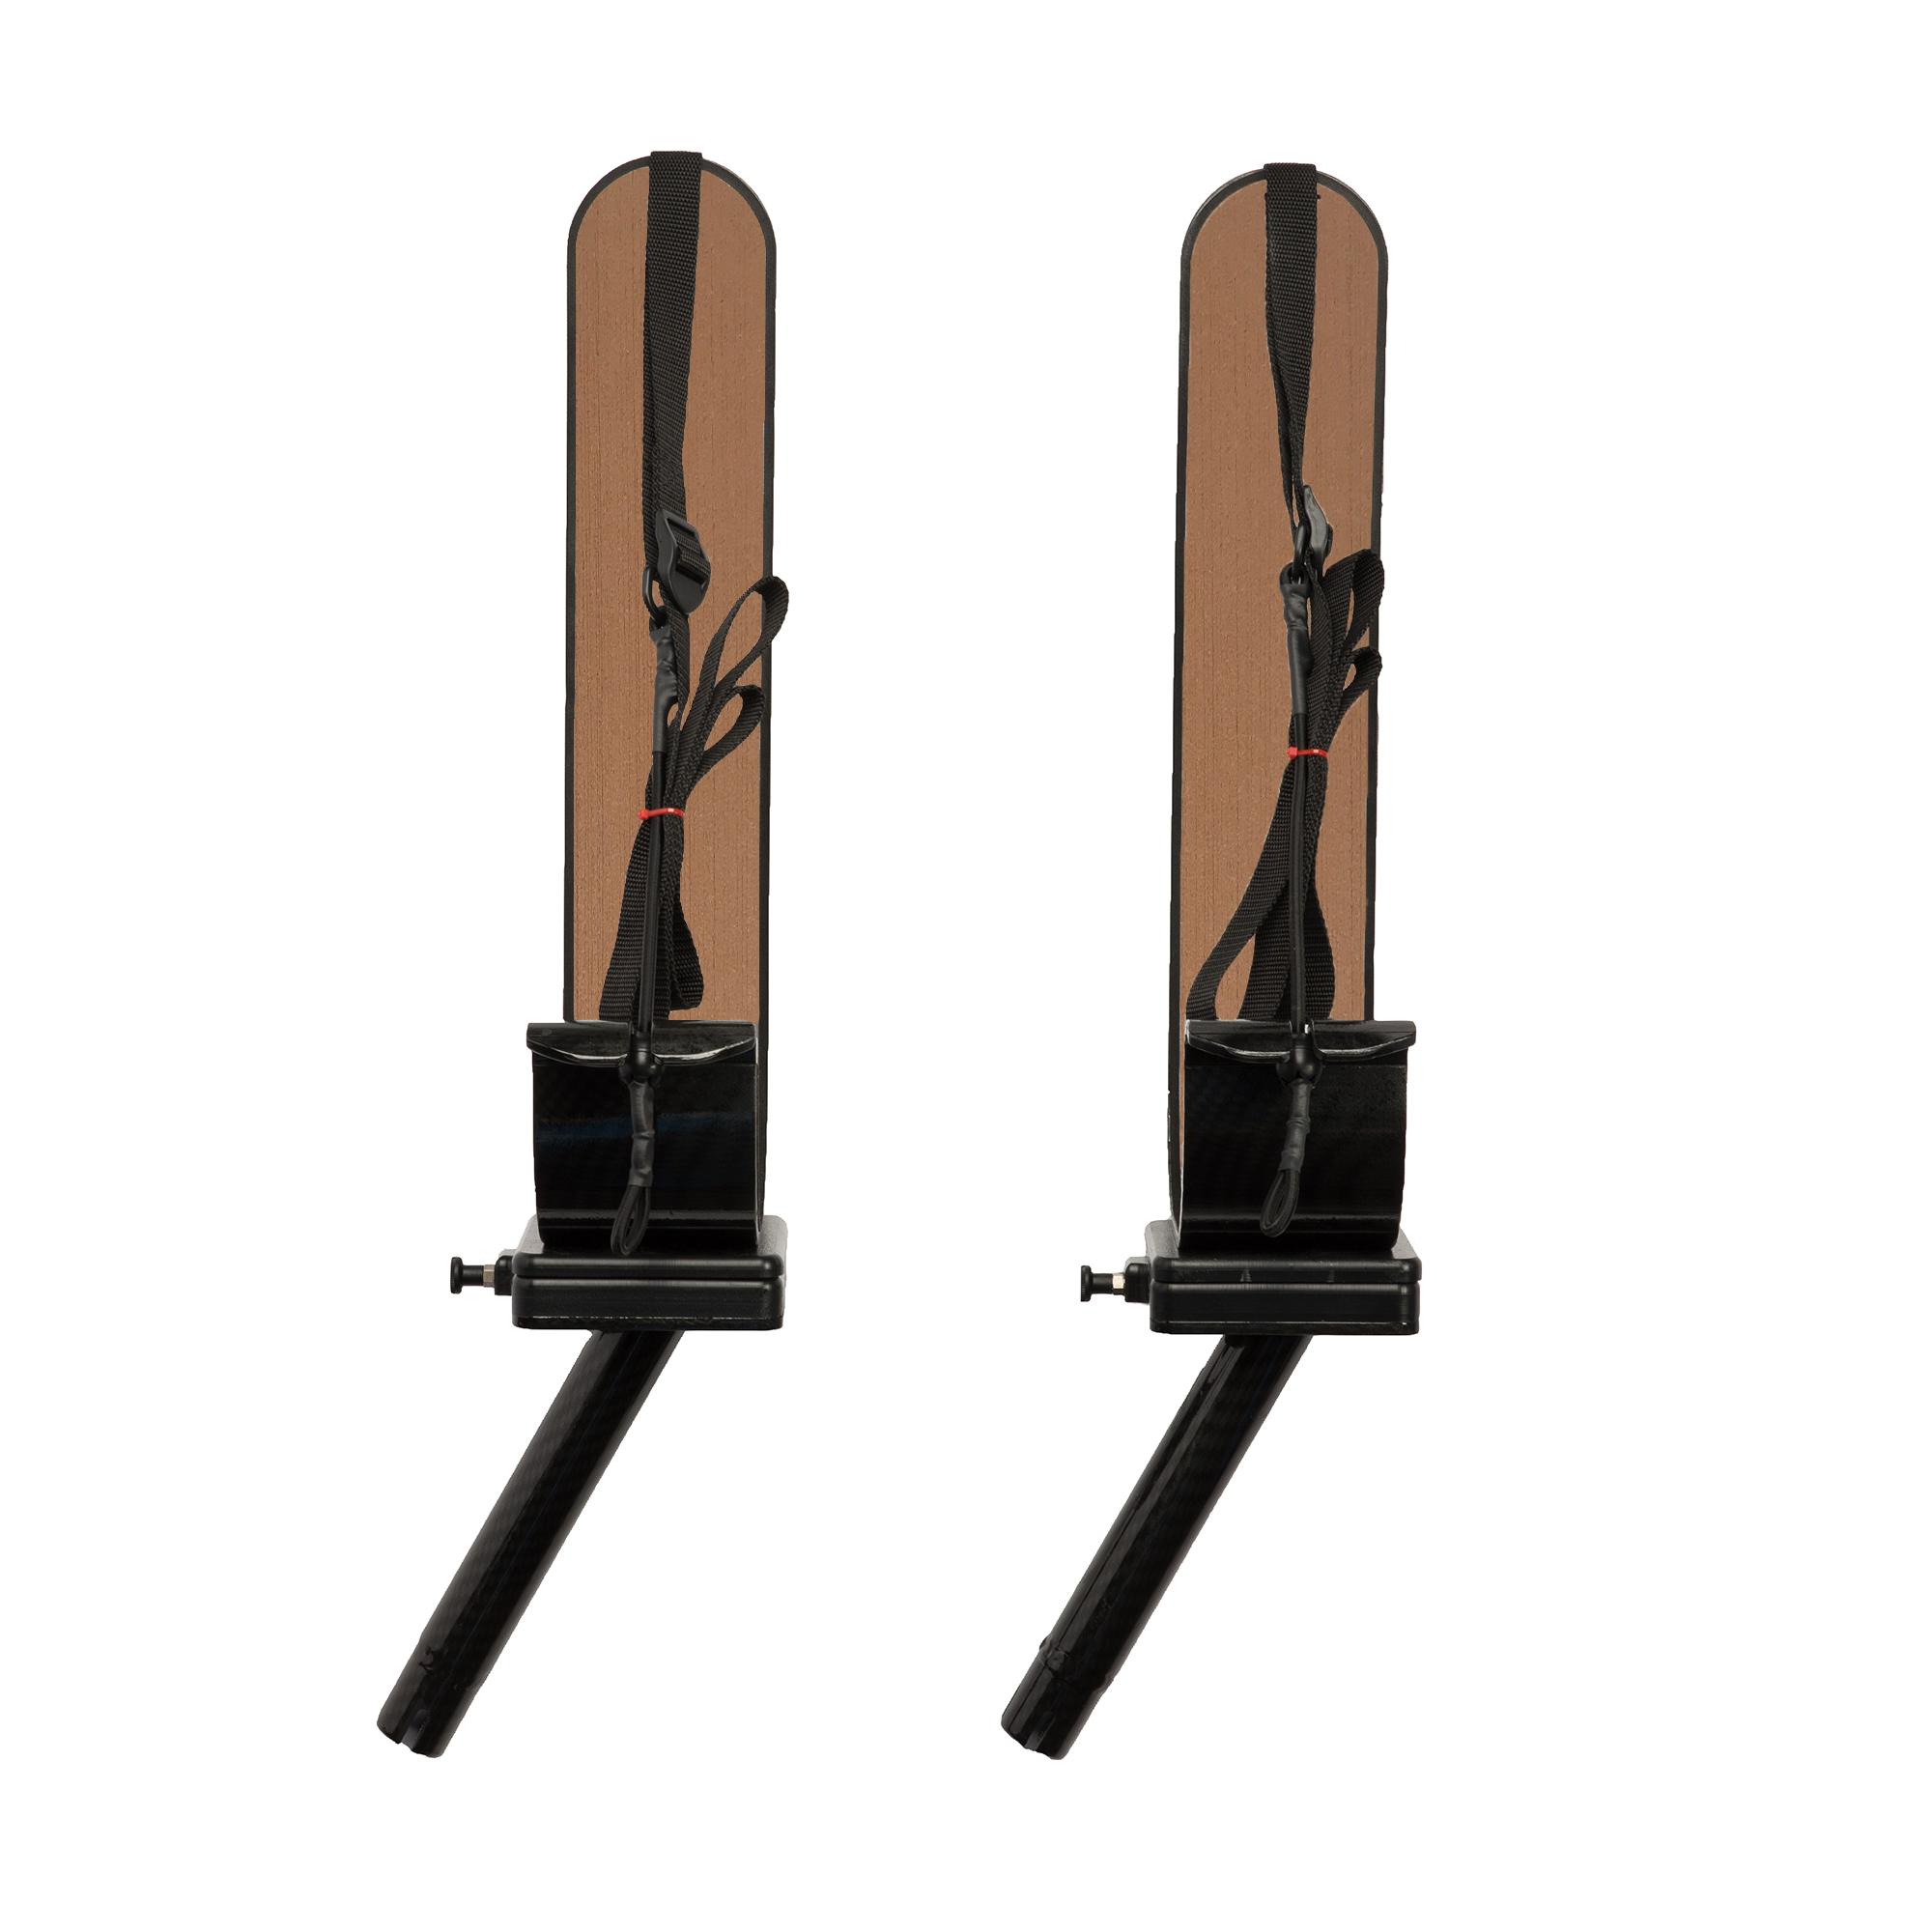 Manta Racks S1 Black Single Paddleboard Rack For 15° Rod Holders